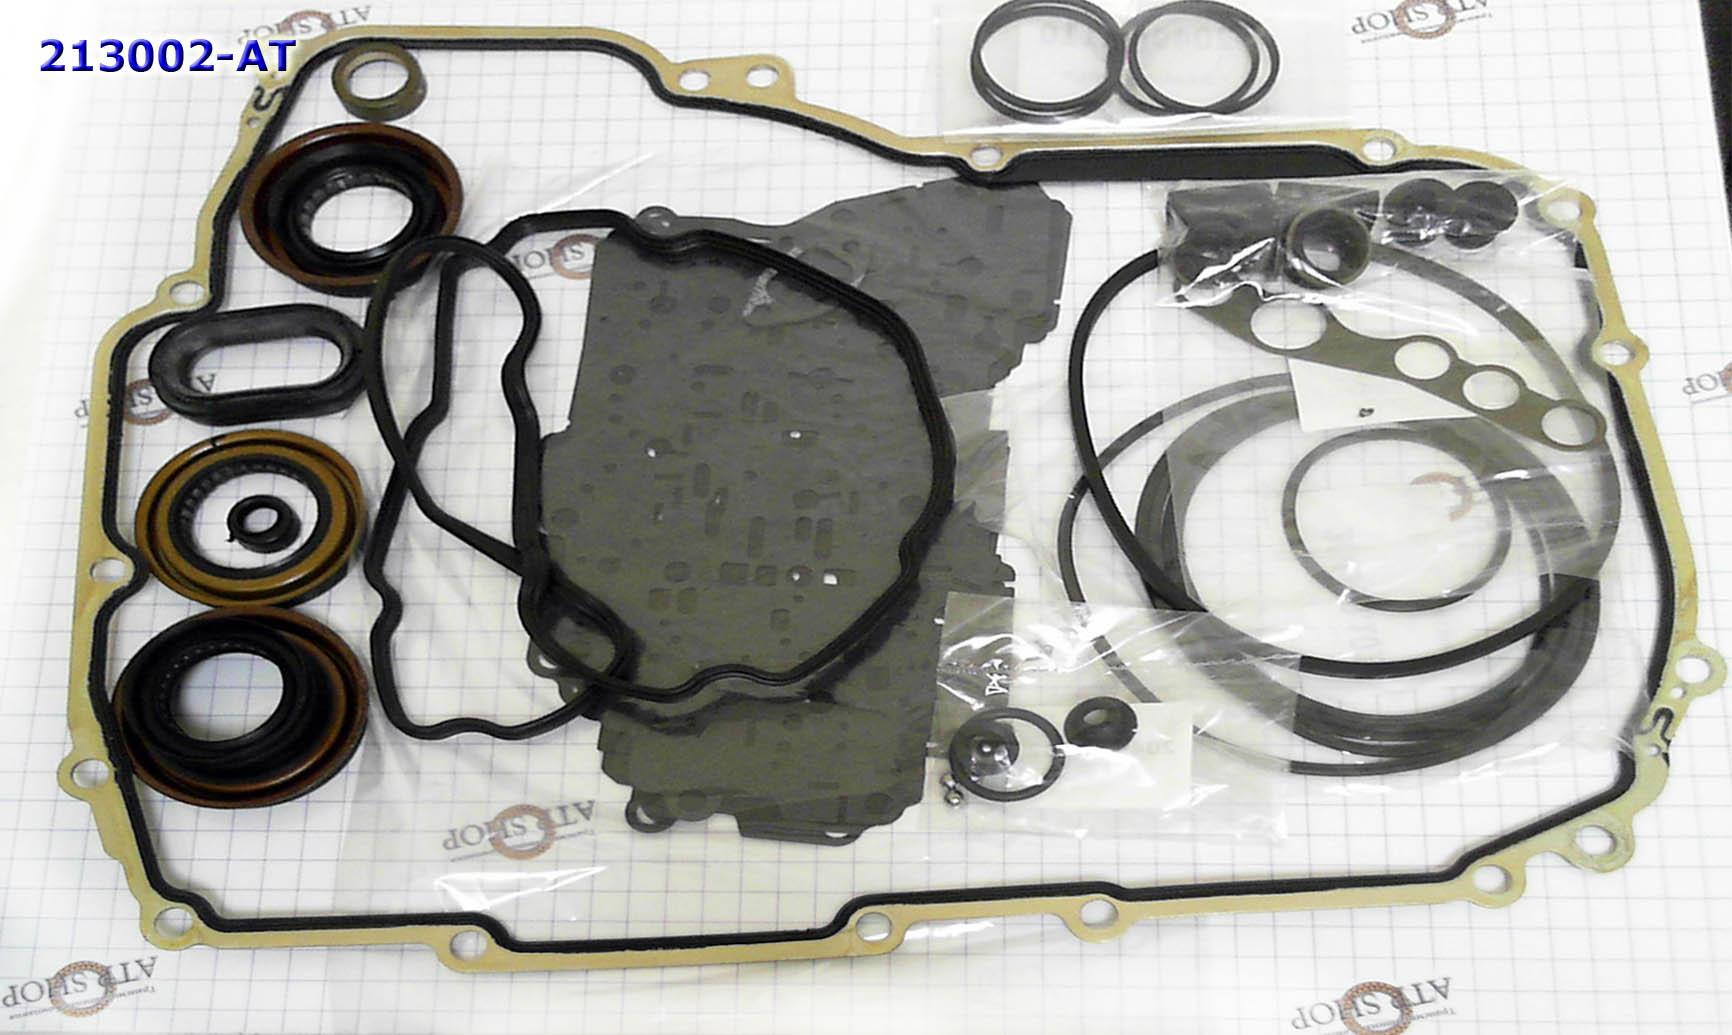 Комплект Прокладок и Сальников (Ремкомплект) (Overhaul Kit) без поршней, 6T35/ 6T40/ 6T45/ 6T50